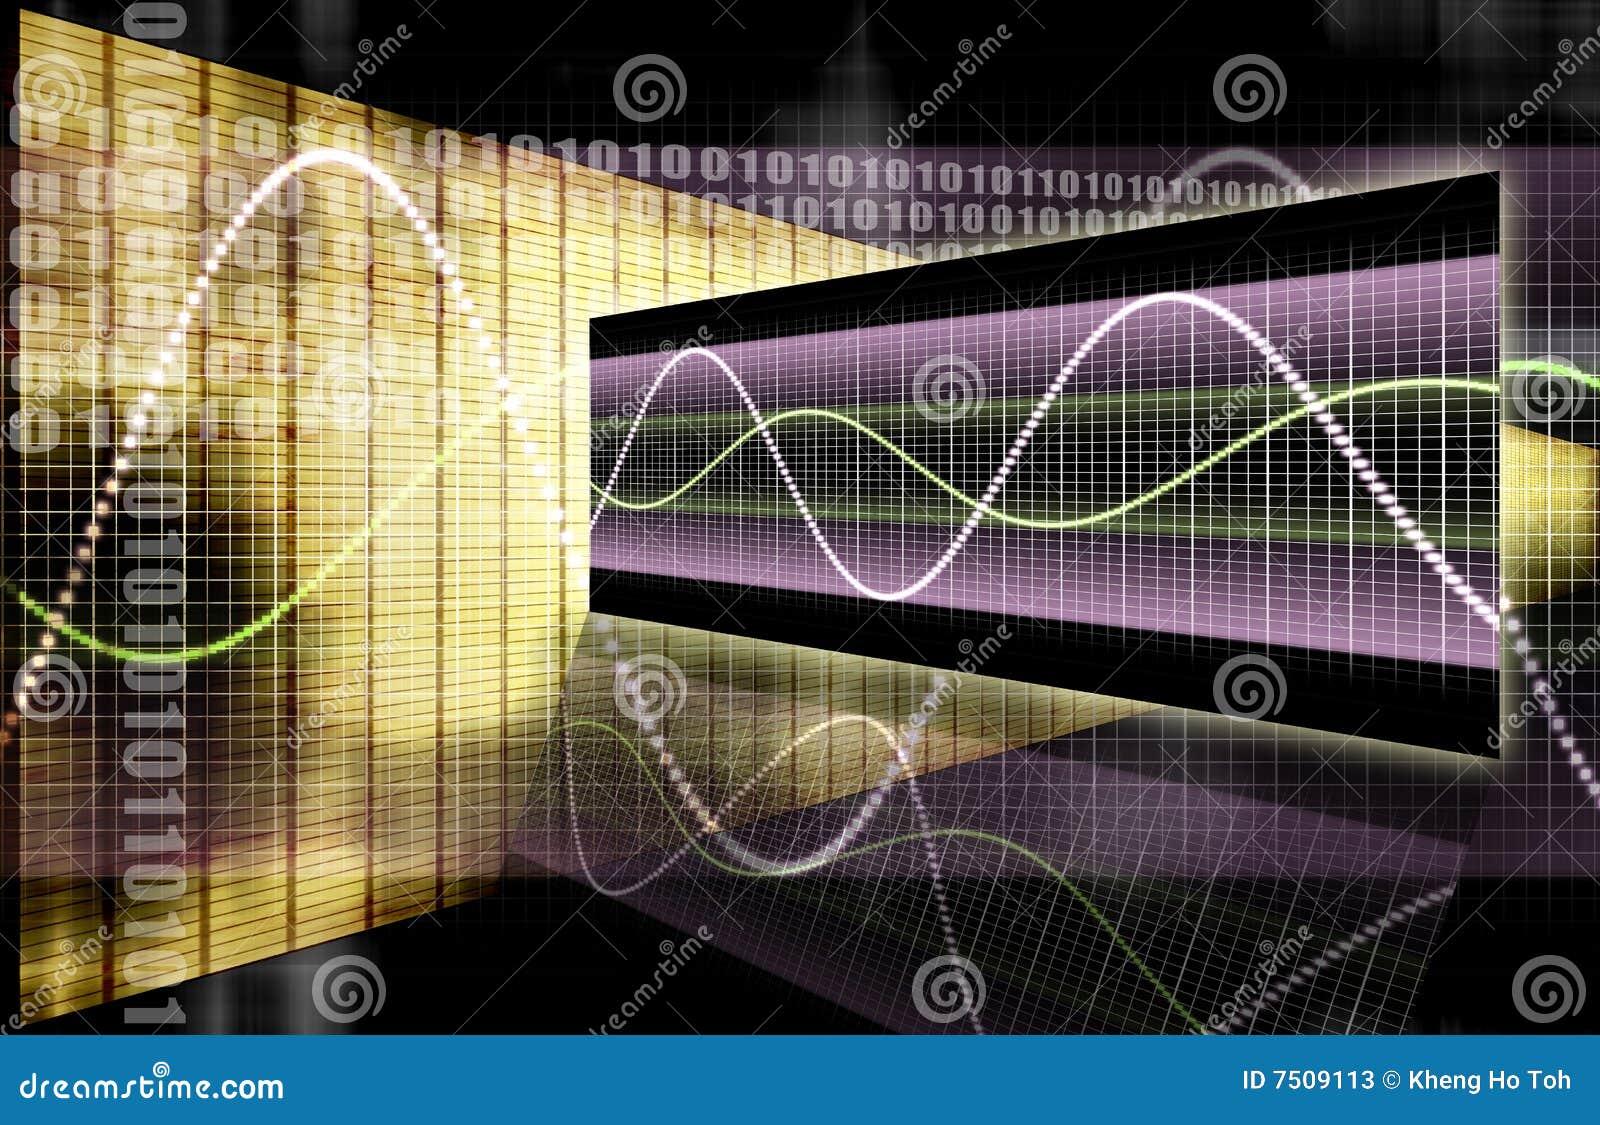 Graphique de technologie de tableur de finances